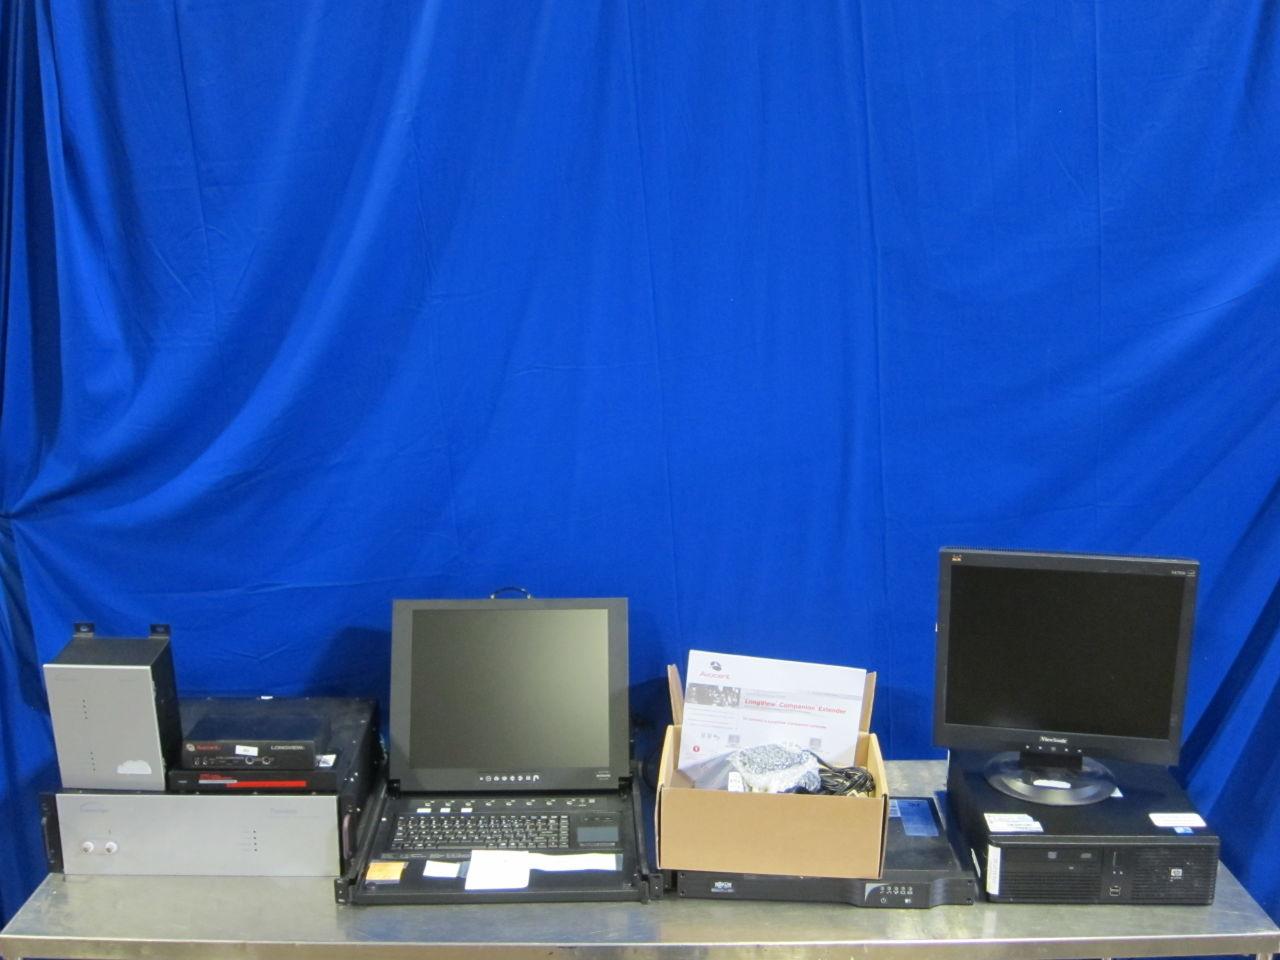 DATASCOPE Panorama Telemetry